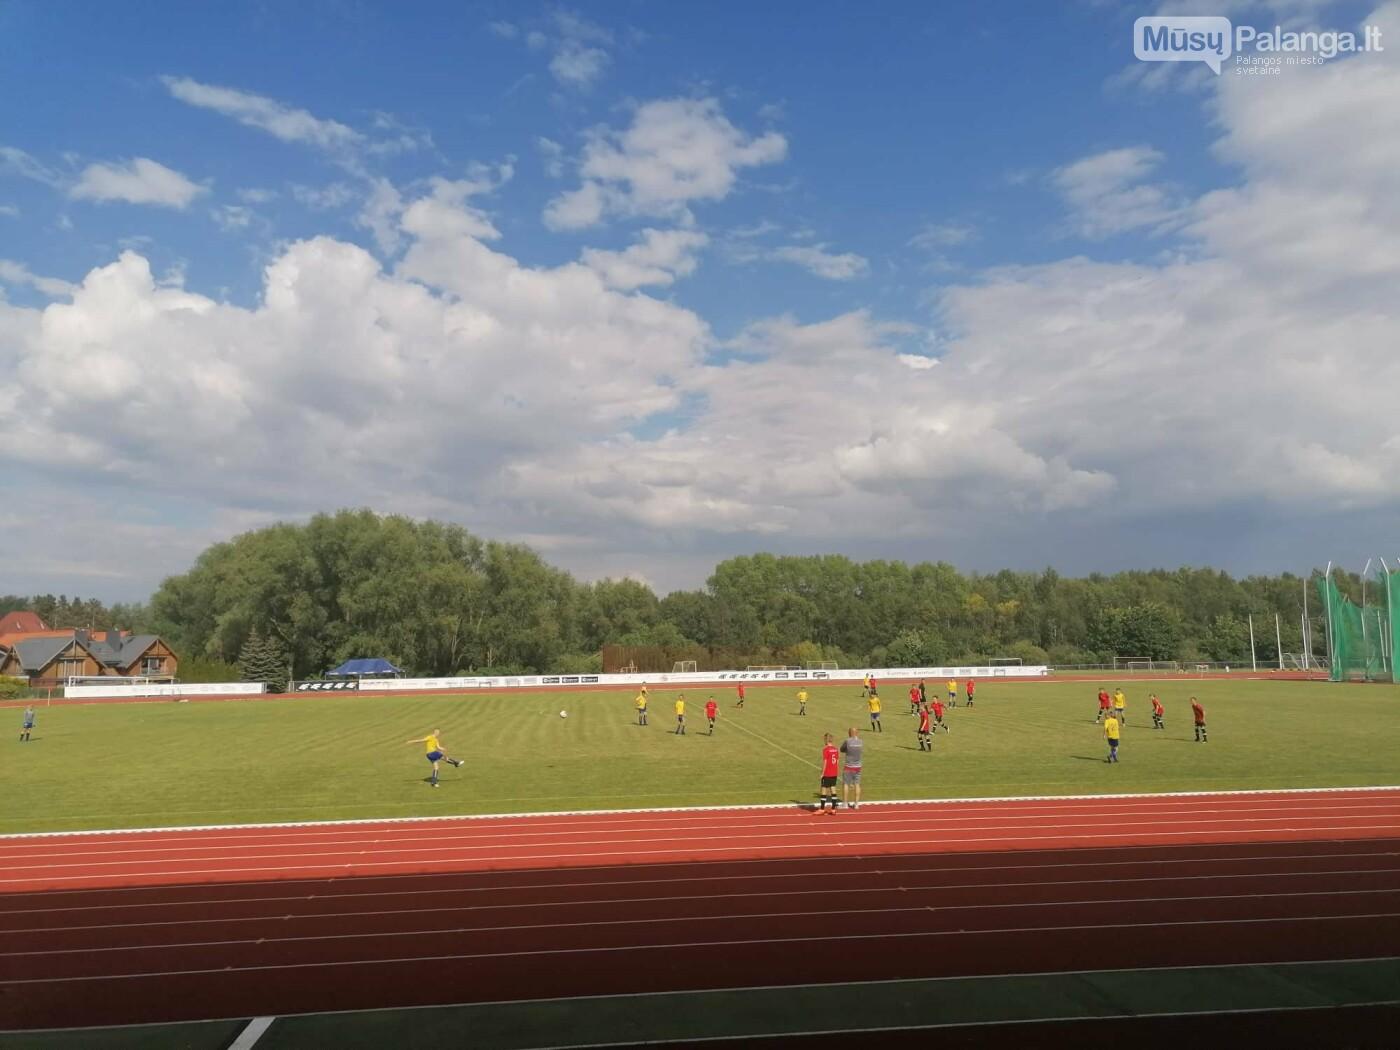 Įspūdingas Lietuvos jaunučių čempionato U-13 varžybos: Palanga įsūdė Plungei net 8 įvarčius , nuotrauka-5